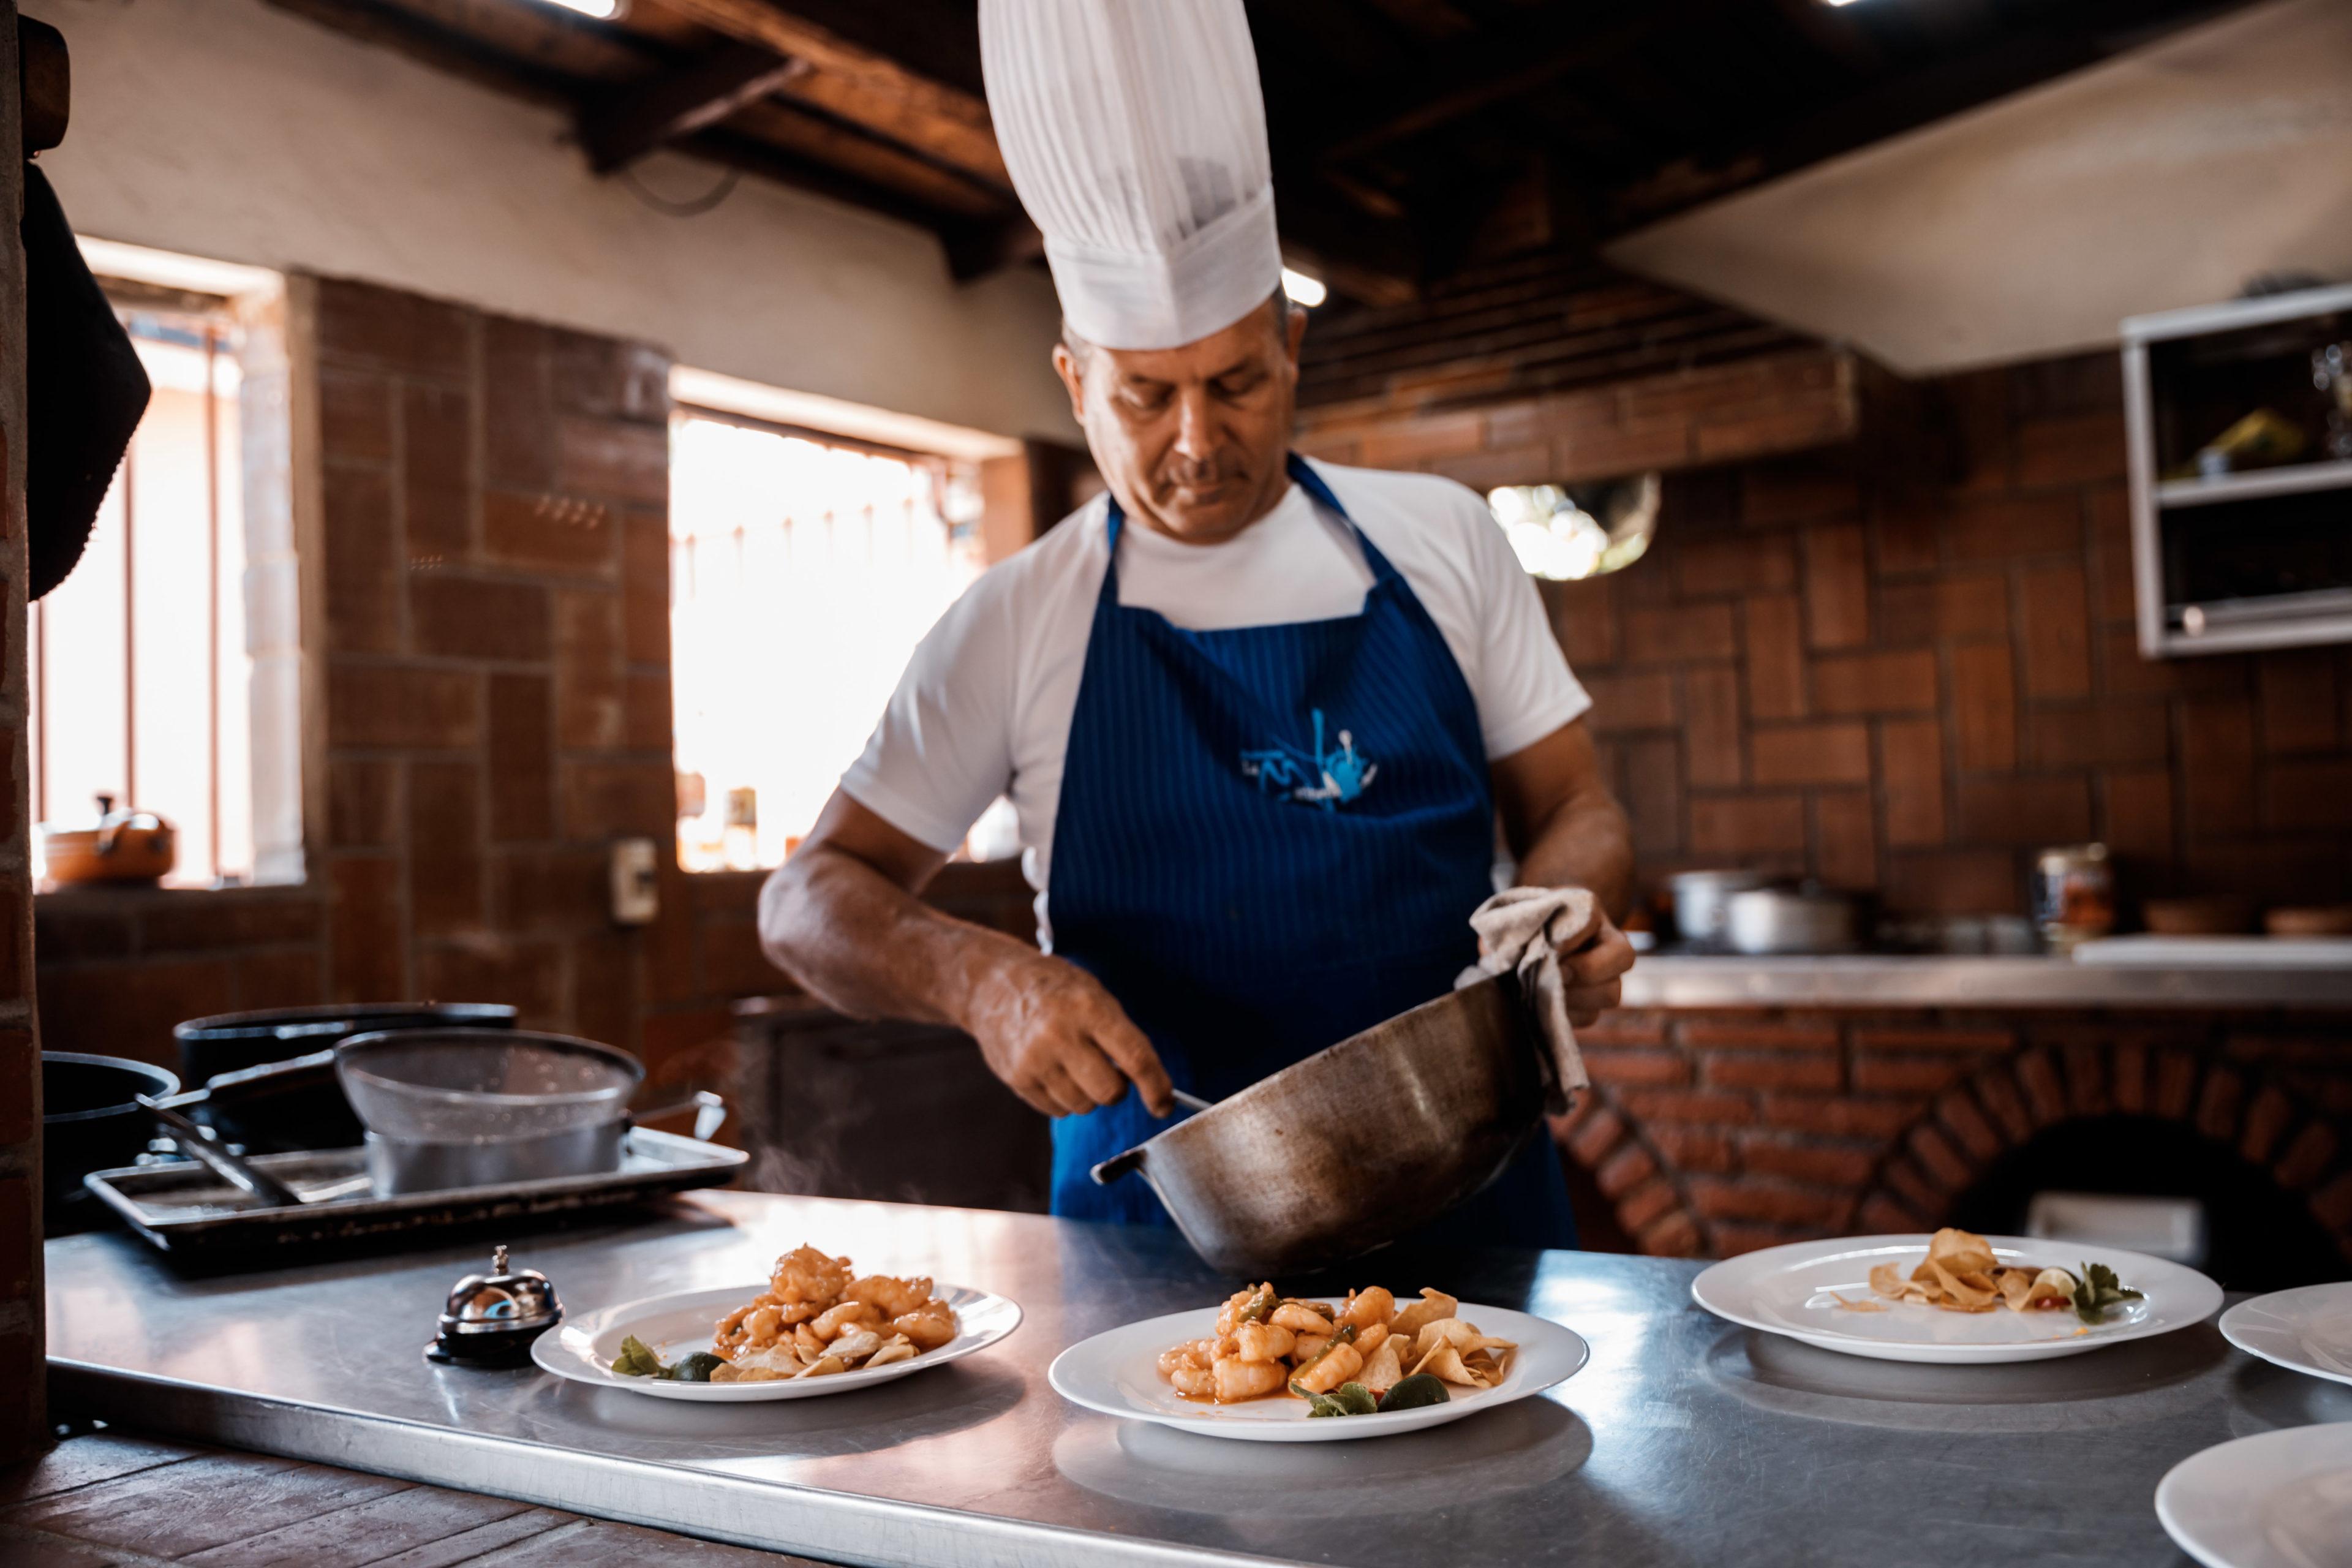 Kubanischer Koch präpariert Teller